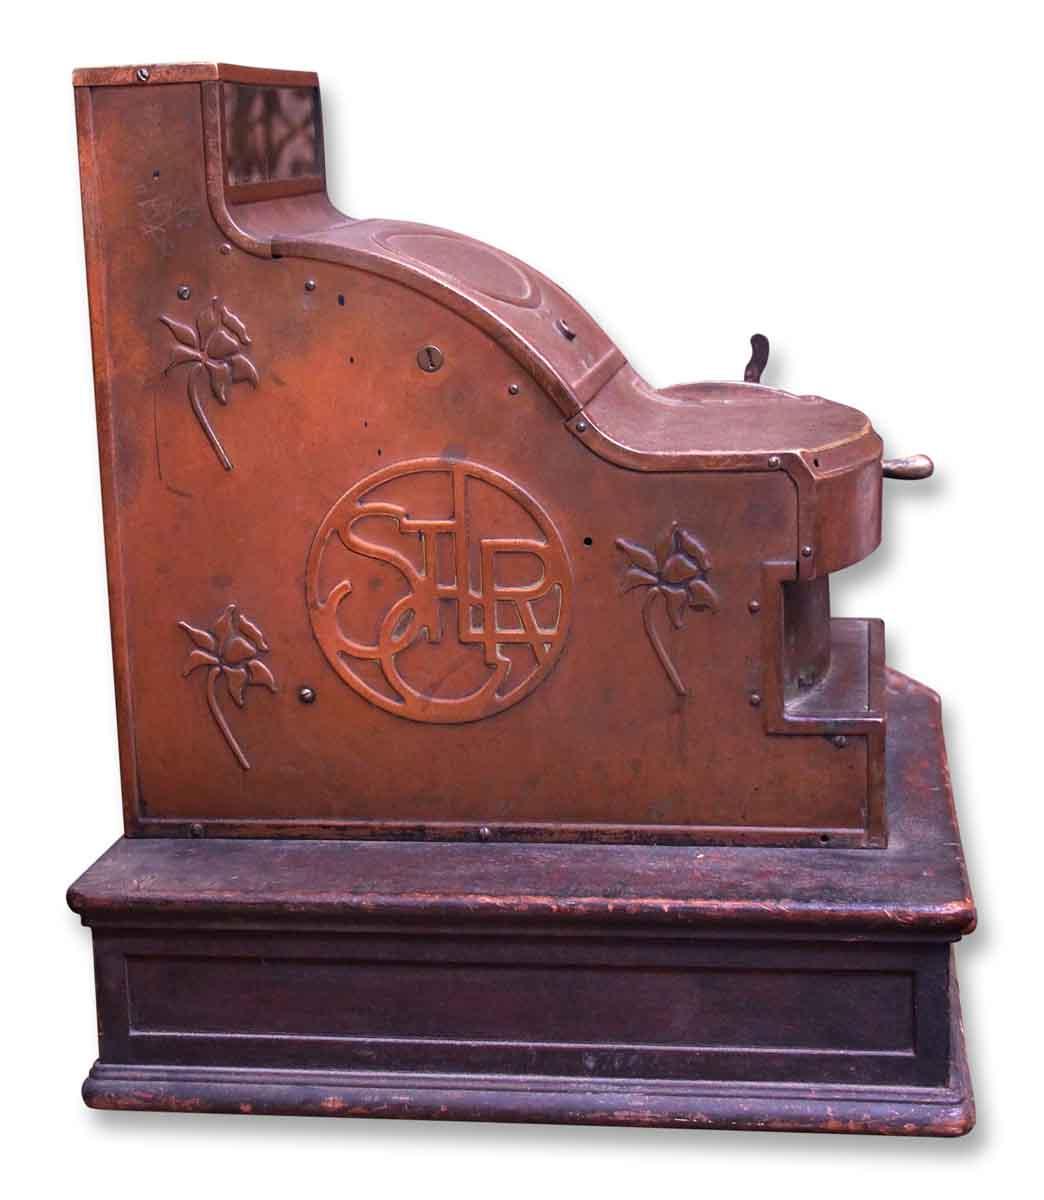 St. Louis Cash Register - St. Louis Cash Register Olde Good Things